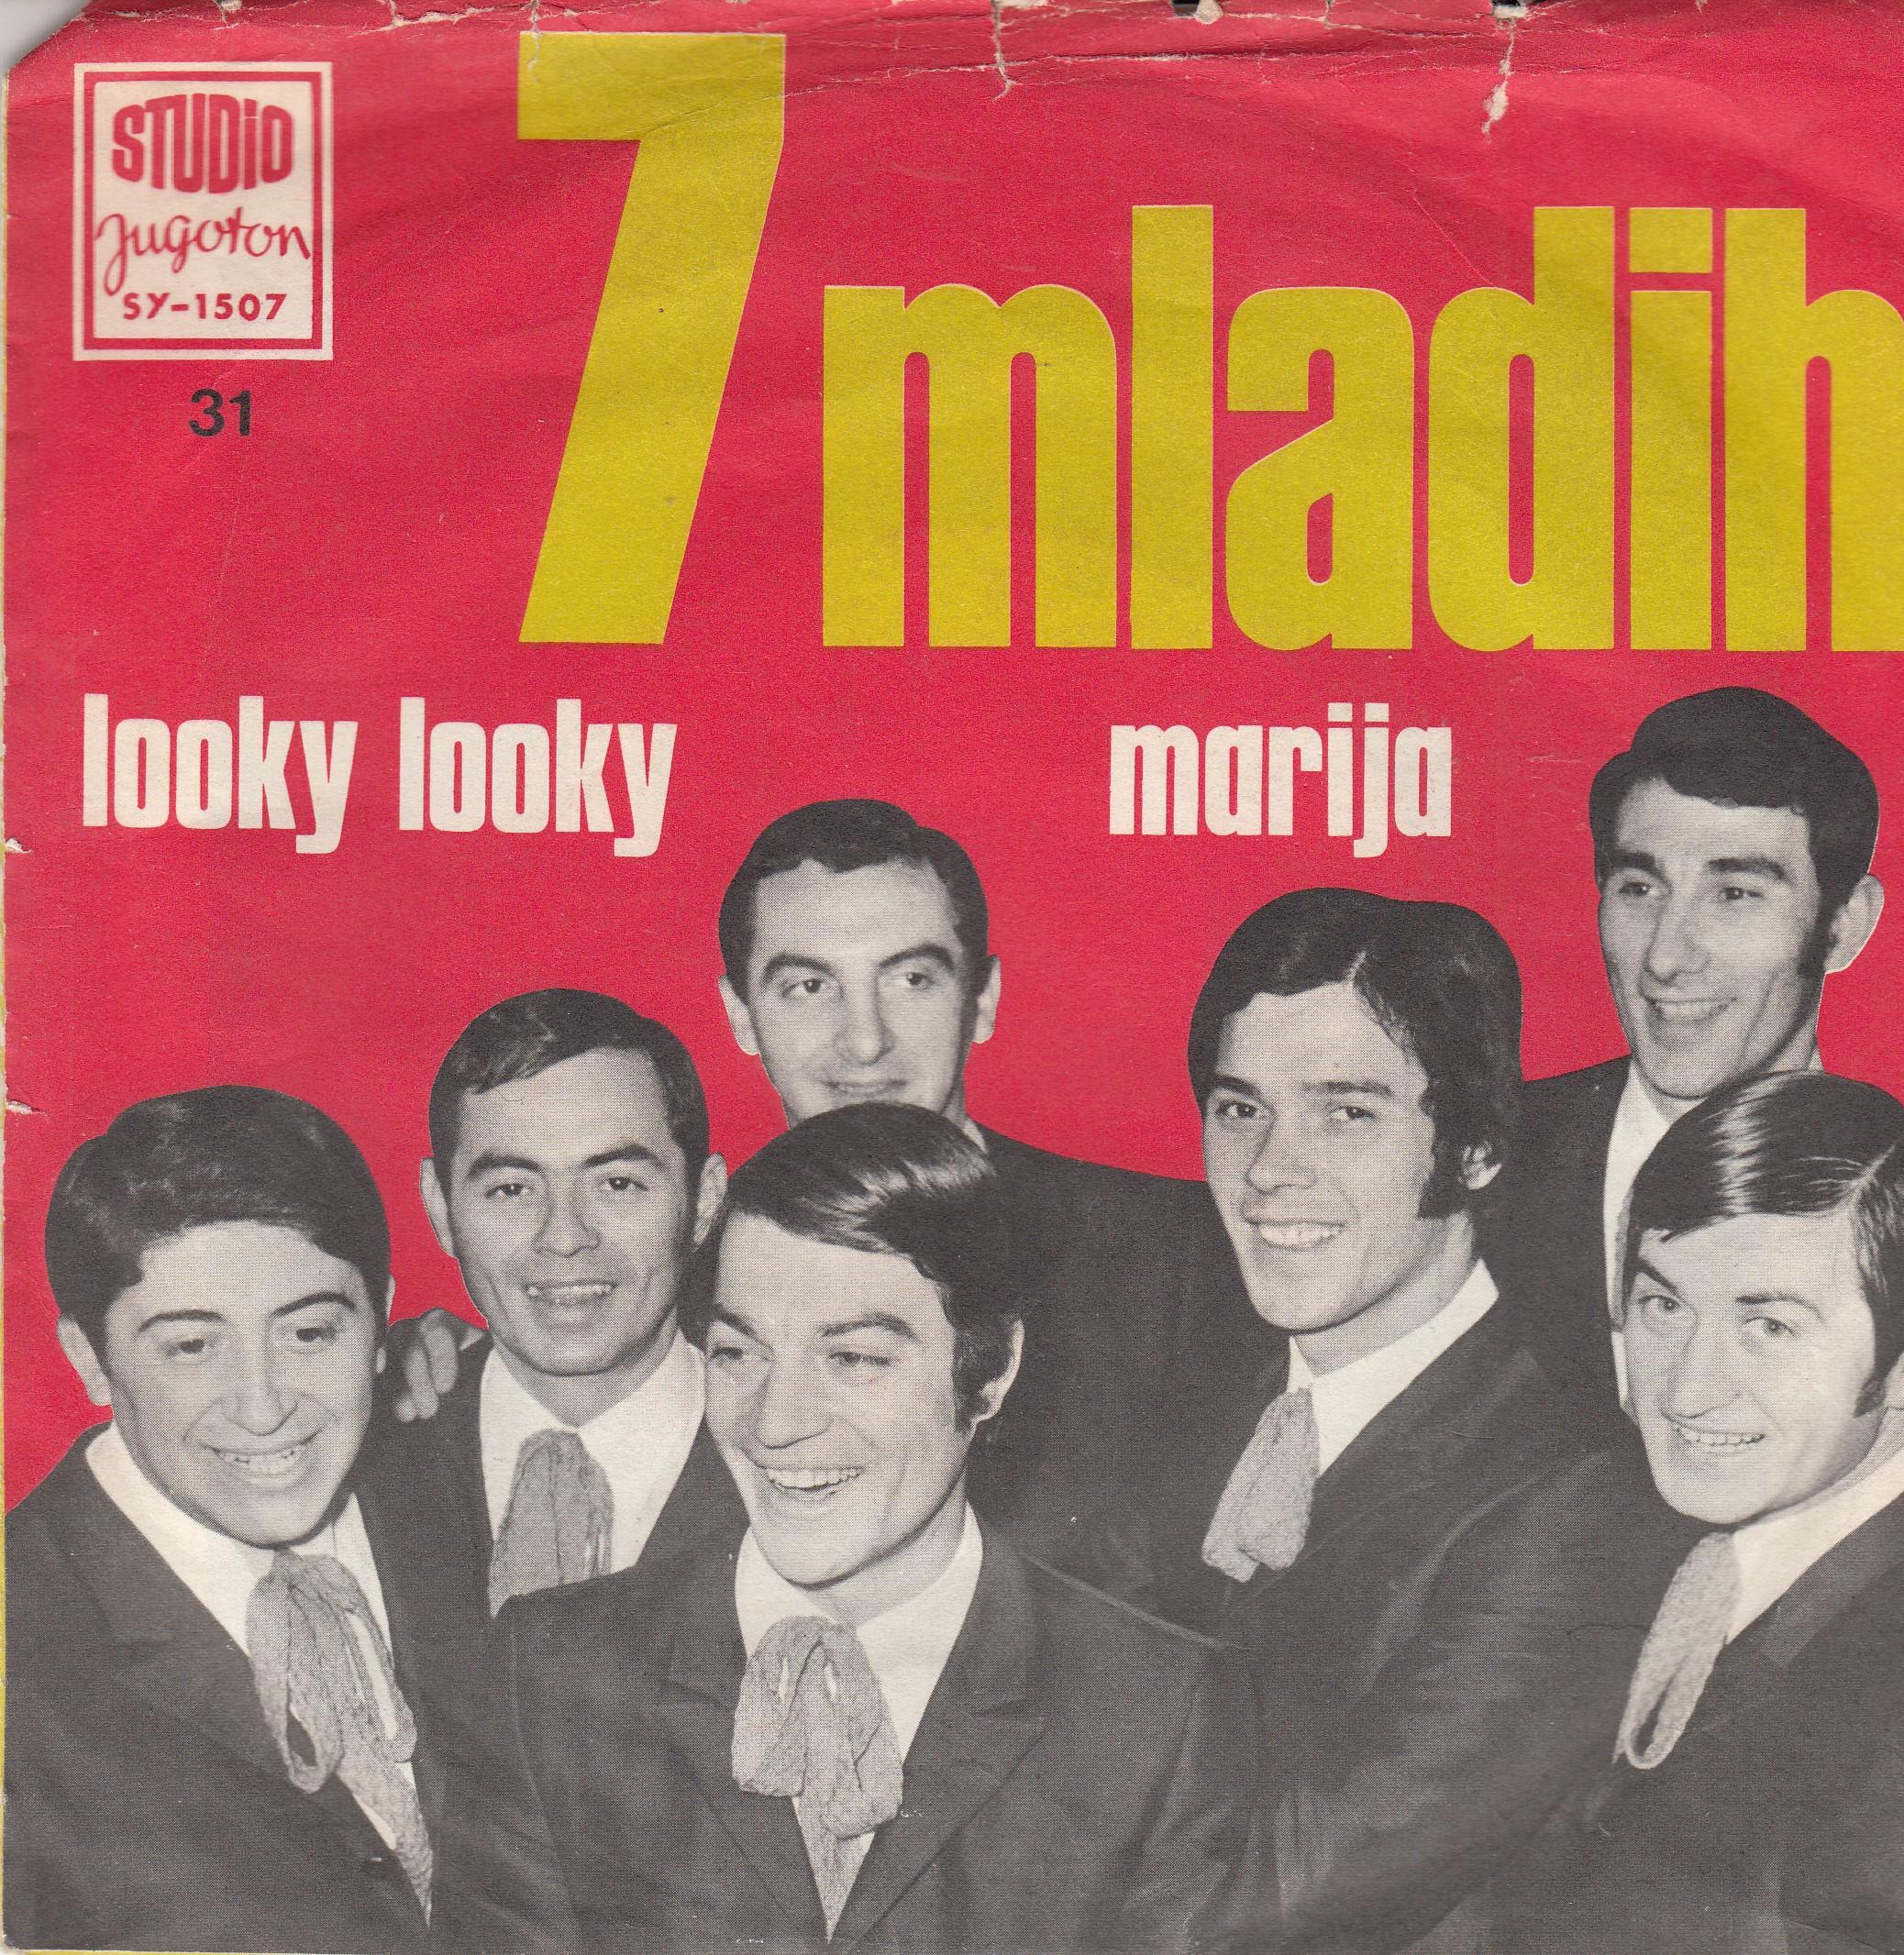 7 Mladih - Looky Looky/marija